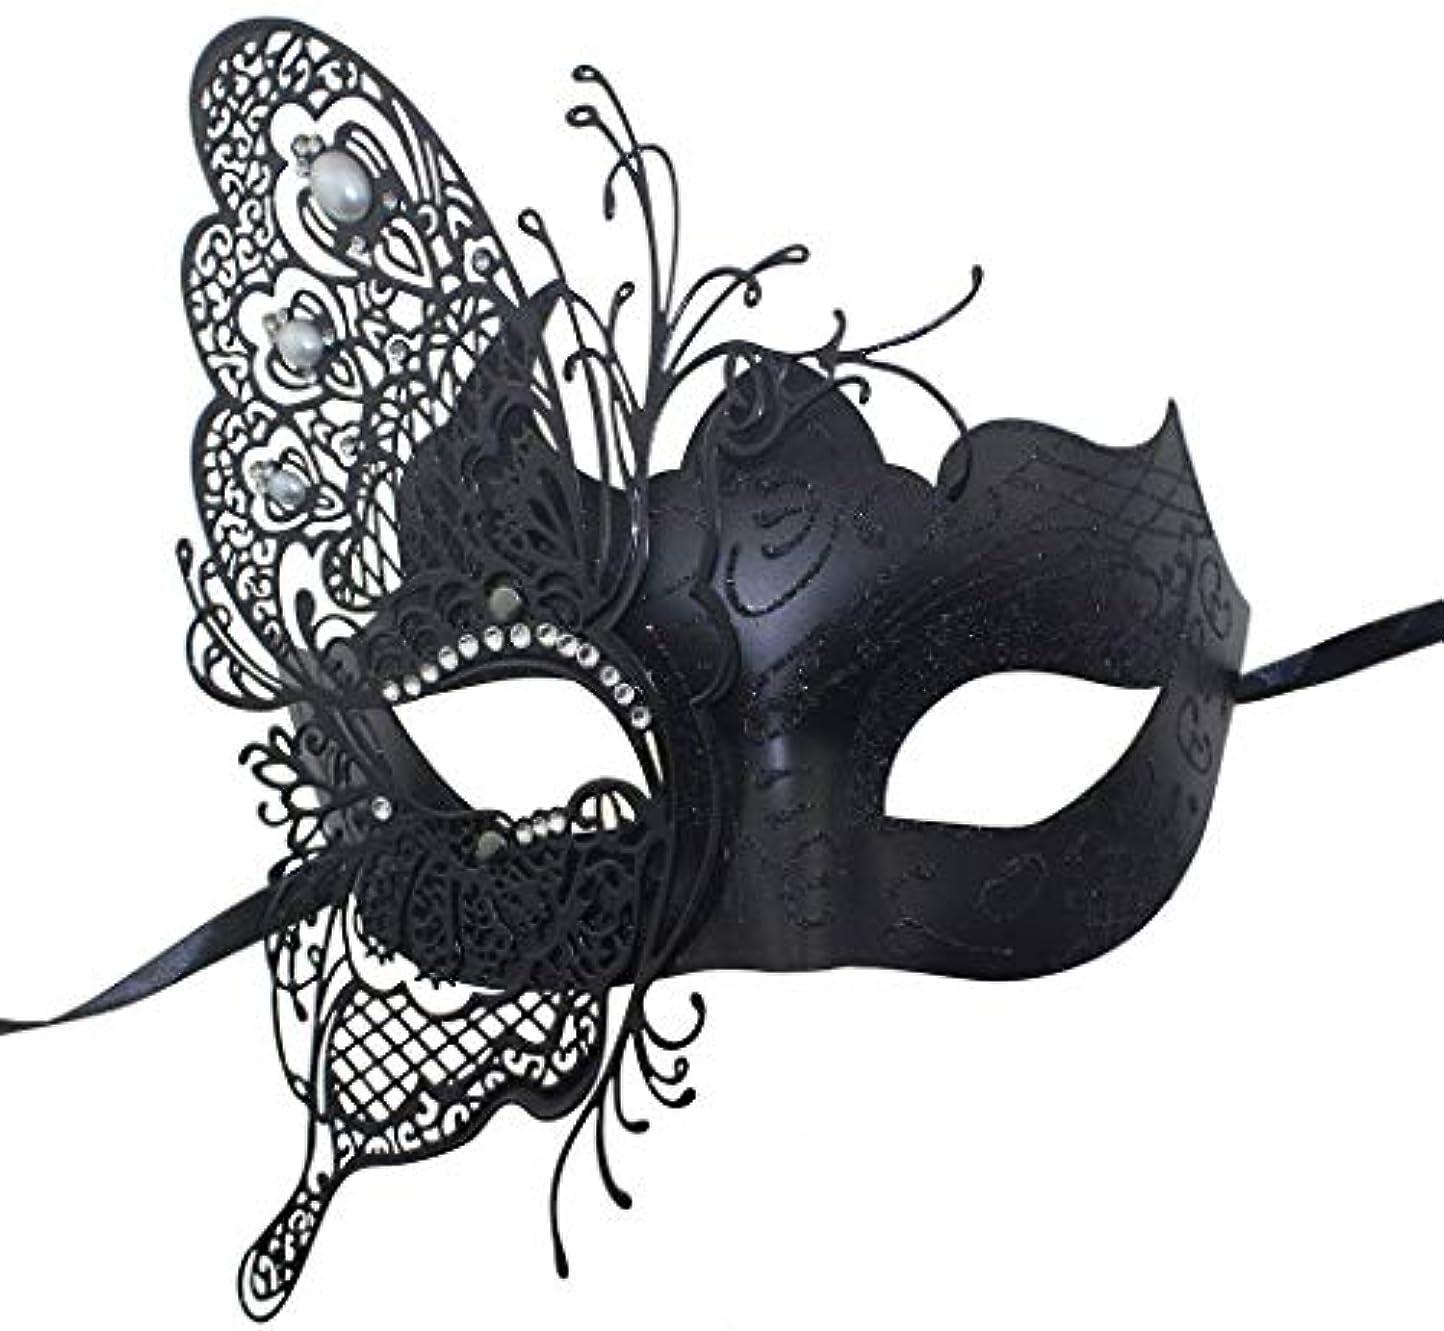 ミケランジェロ気配りのある認可Nanle 神秘的なヴェネツィアの蝶シャイニーバタフライレディマスカレードハロウィンマルディグラパーティーマスク (色 : 黒)